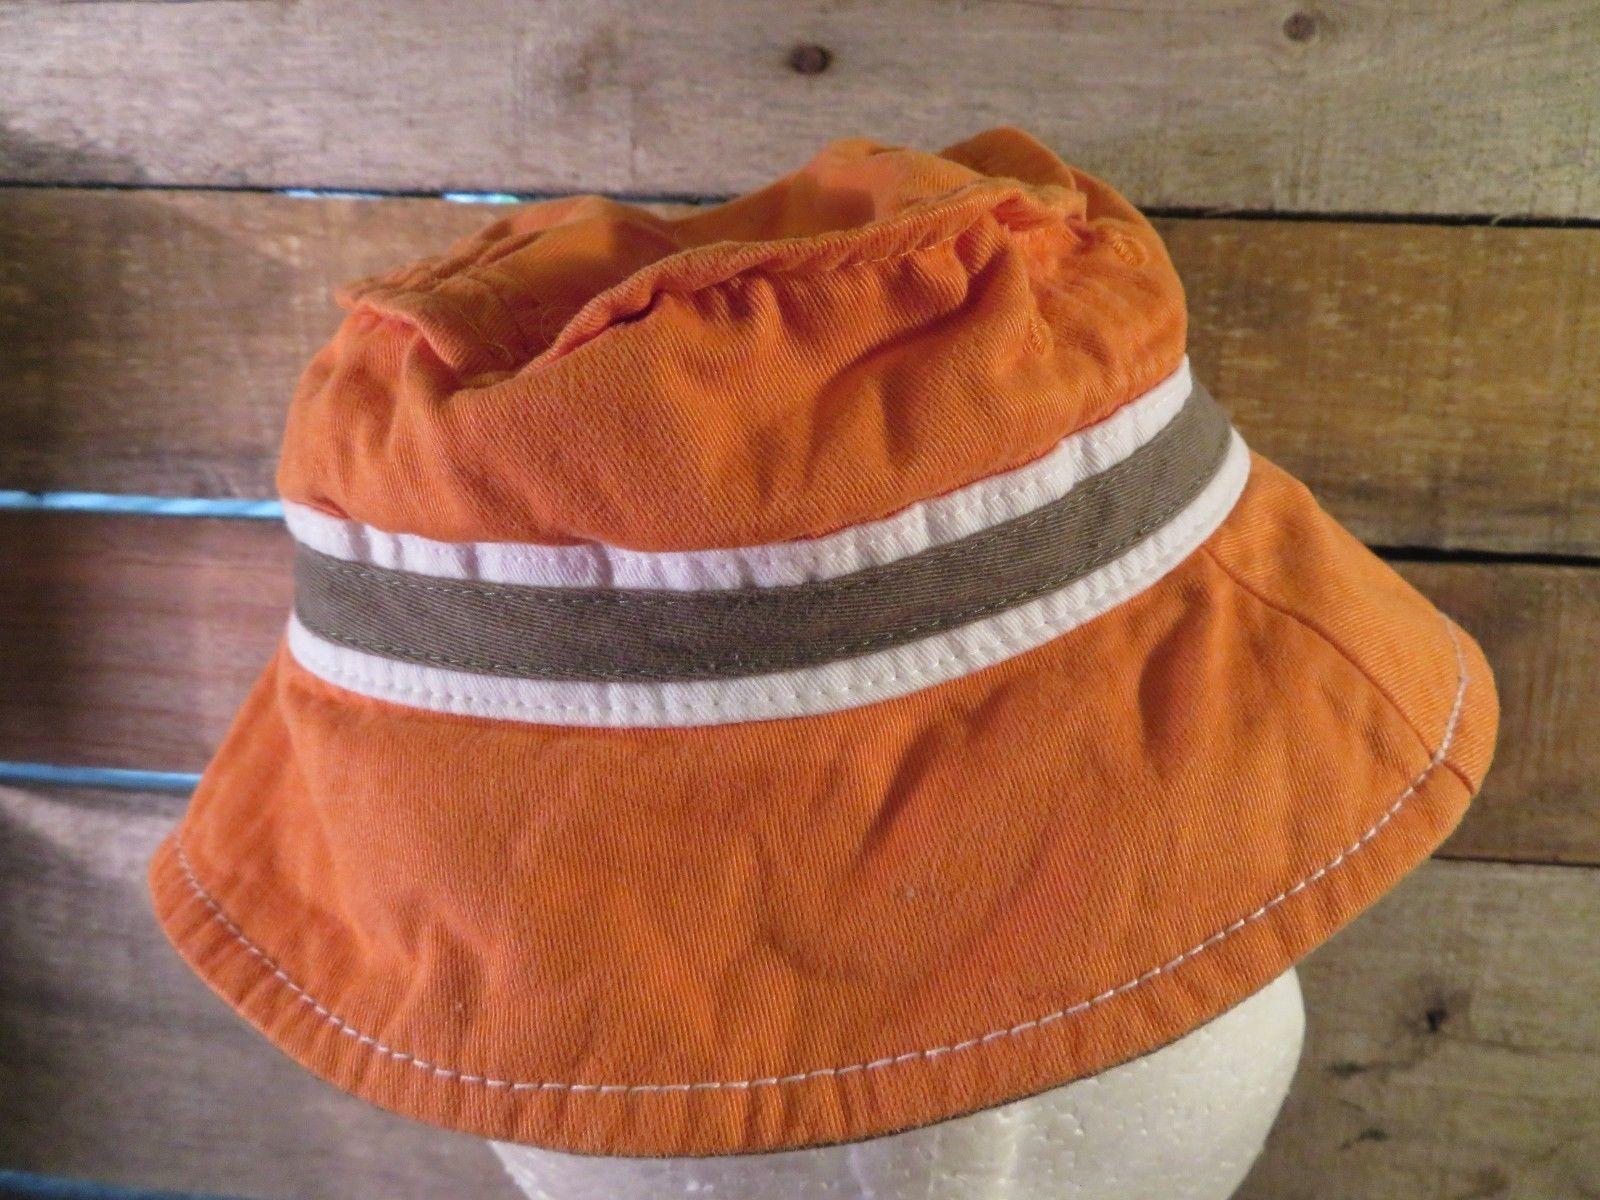 Barca a Vela Carter's Sacca Cappello 3-9 Months Bimbo Bambino